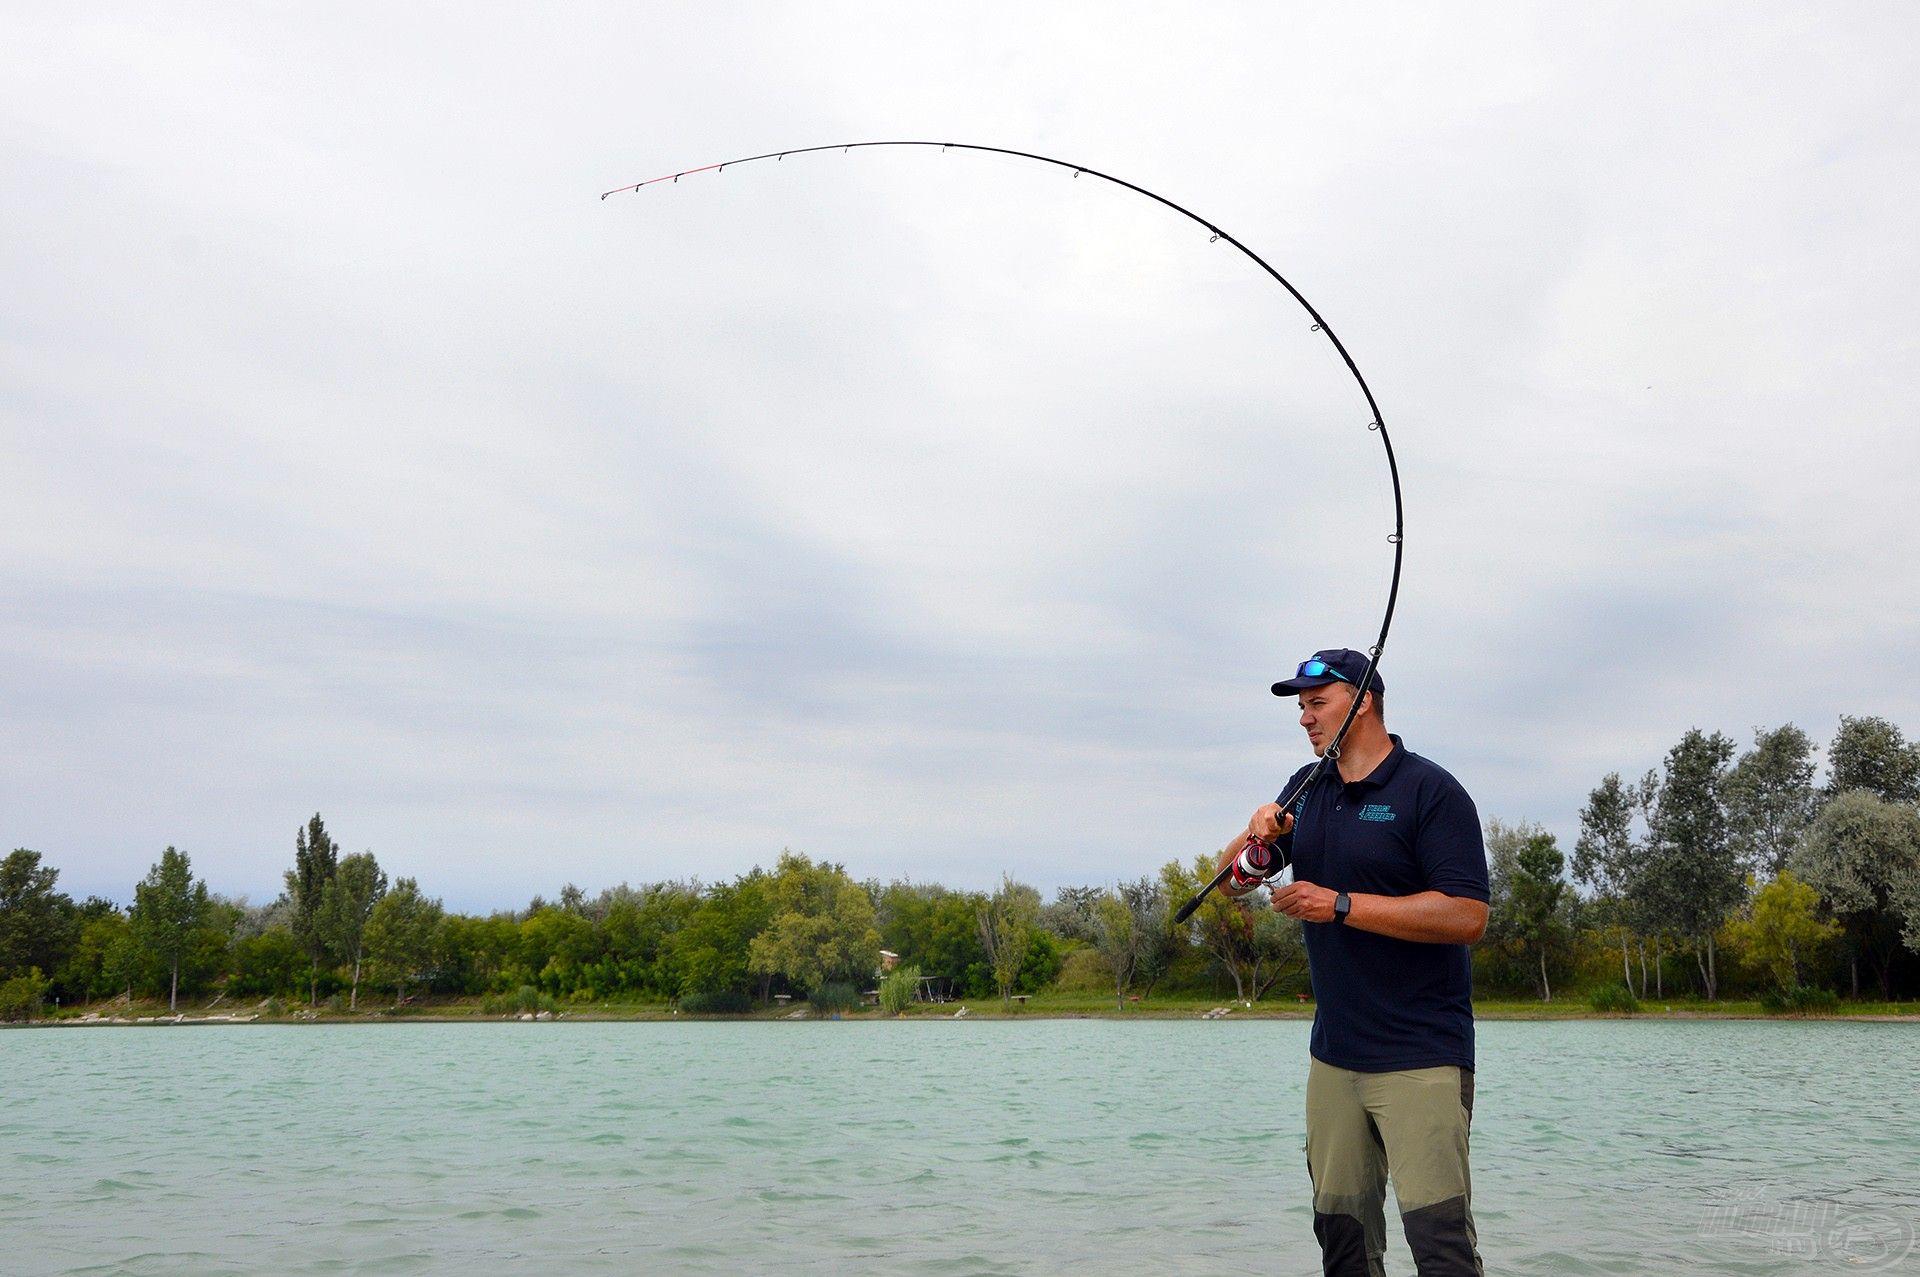 Elkélt a felszerelések ereje a vad, bányatavi pontyok fárasztása során is… Elképesztően jó kondícióban vannak az itteni halak, az utolsó pillanatig küzdenek a horgon!